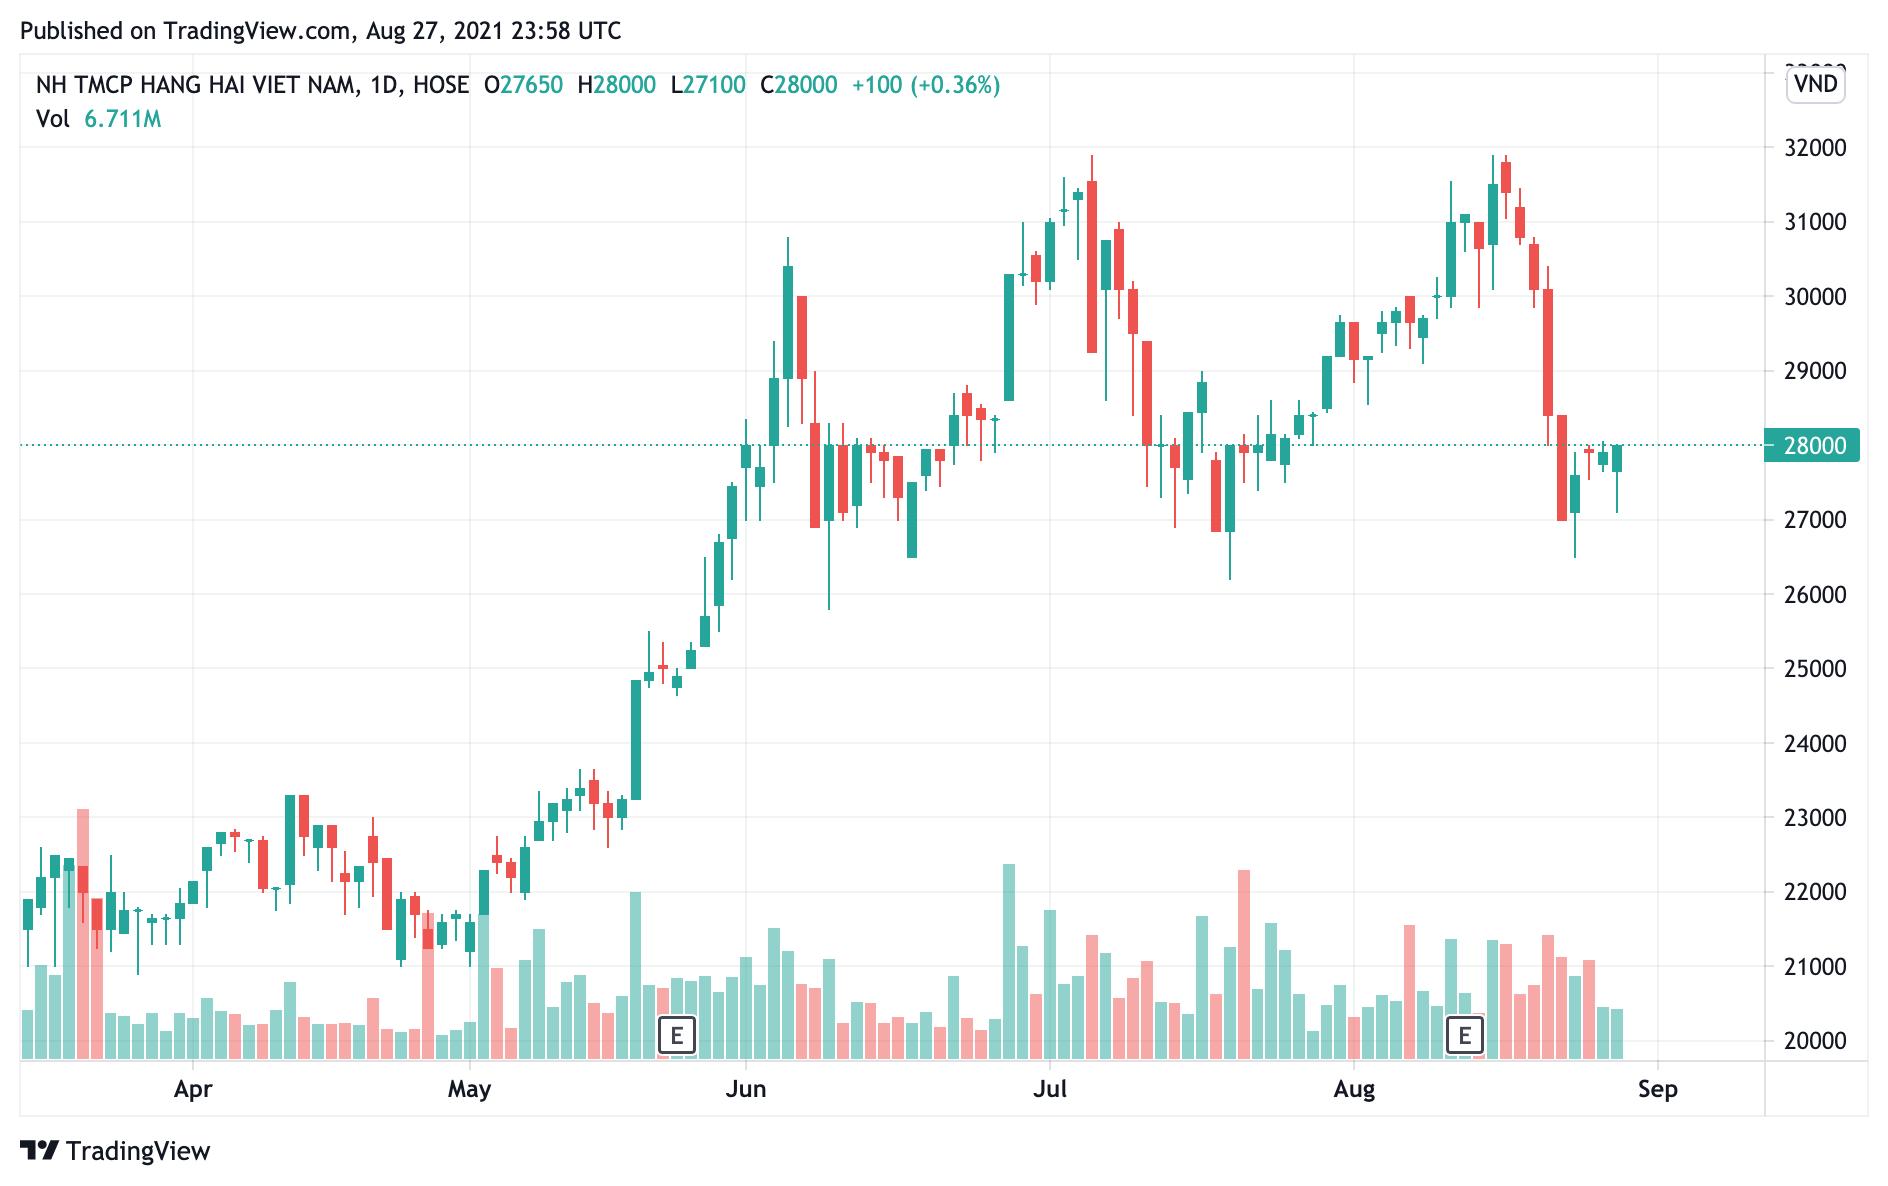 Giá cổ phiếu giảm sâu, công ty thành viên của TNG Holdings bán thành công 8 triệu cổ phiếu MSB - Ảnh 1.